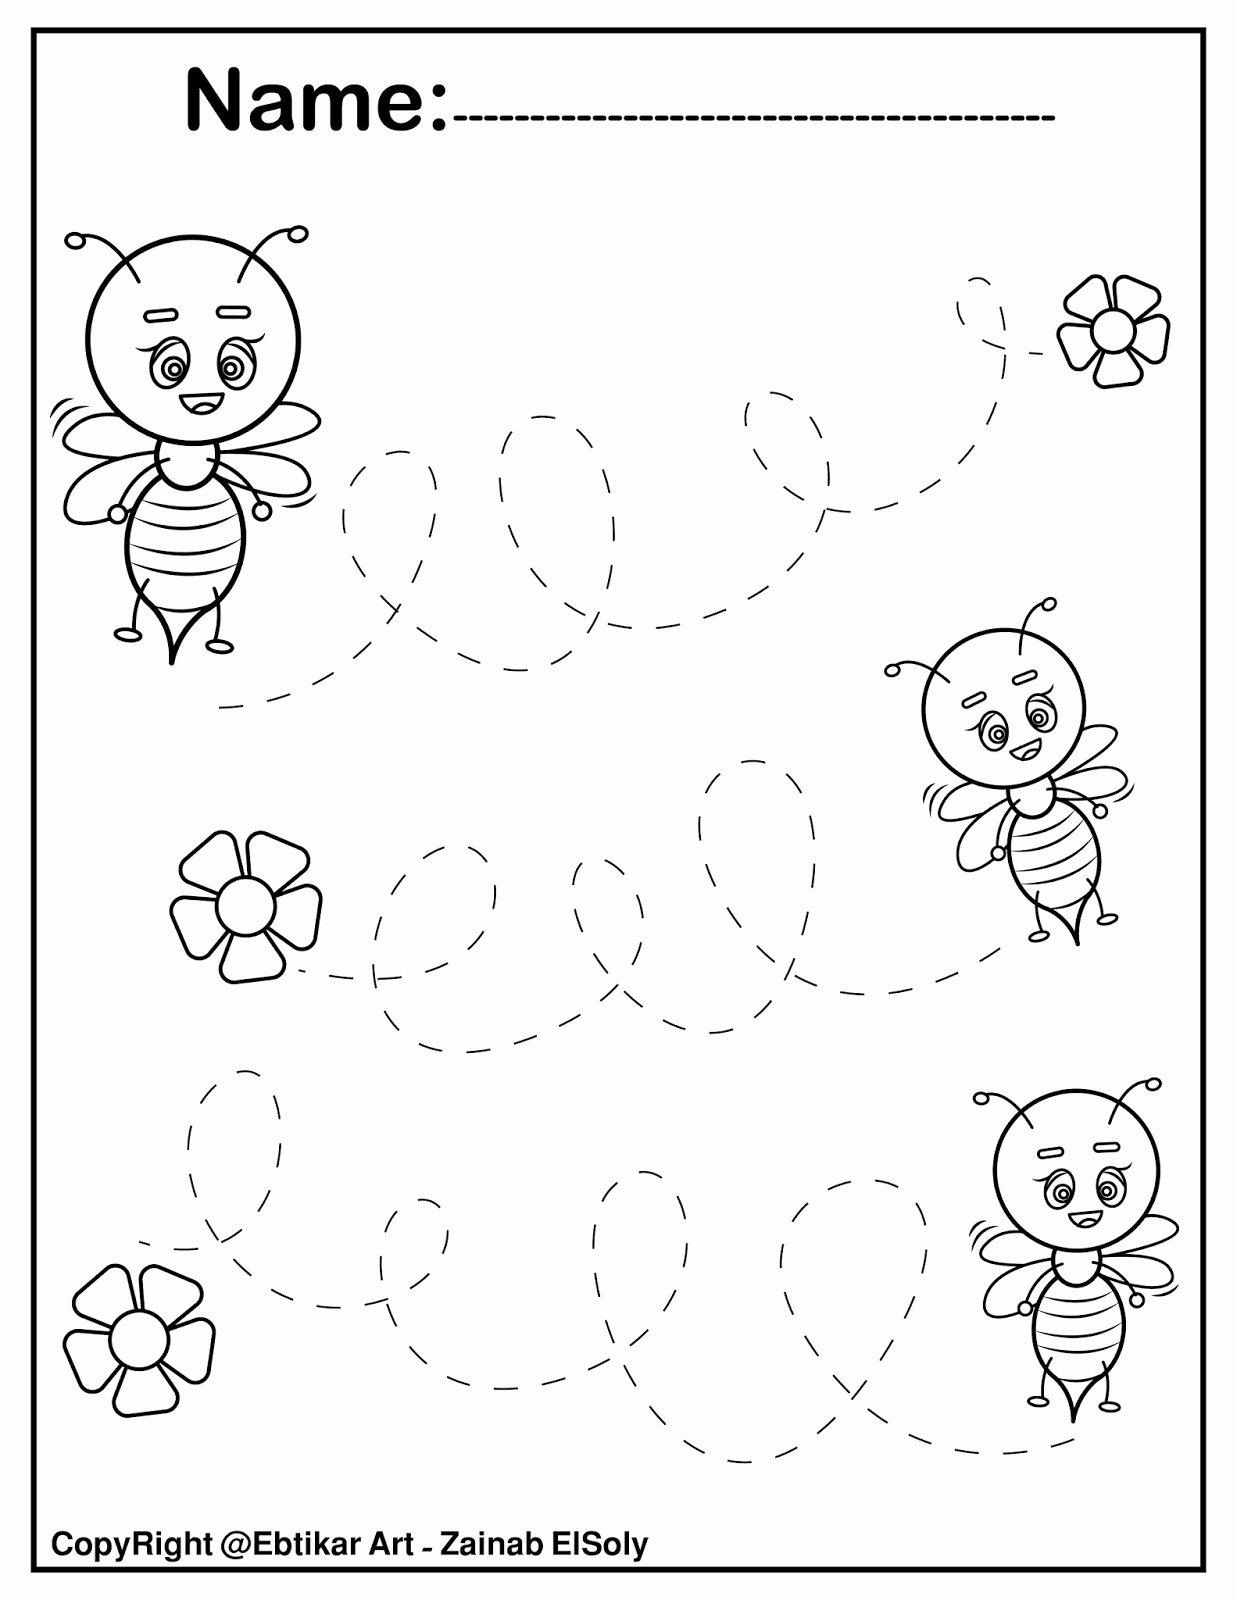 In and Out Worksheets for Preschoolers Unique Worksheets Worksheet Kindergarten Grade Math Worksheets